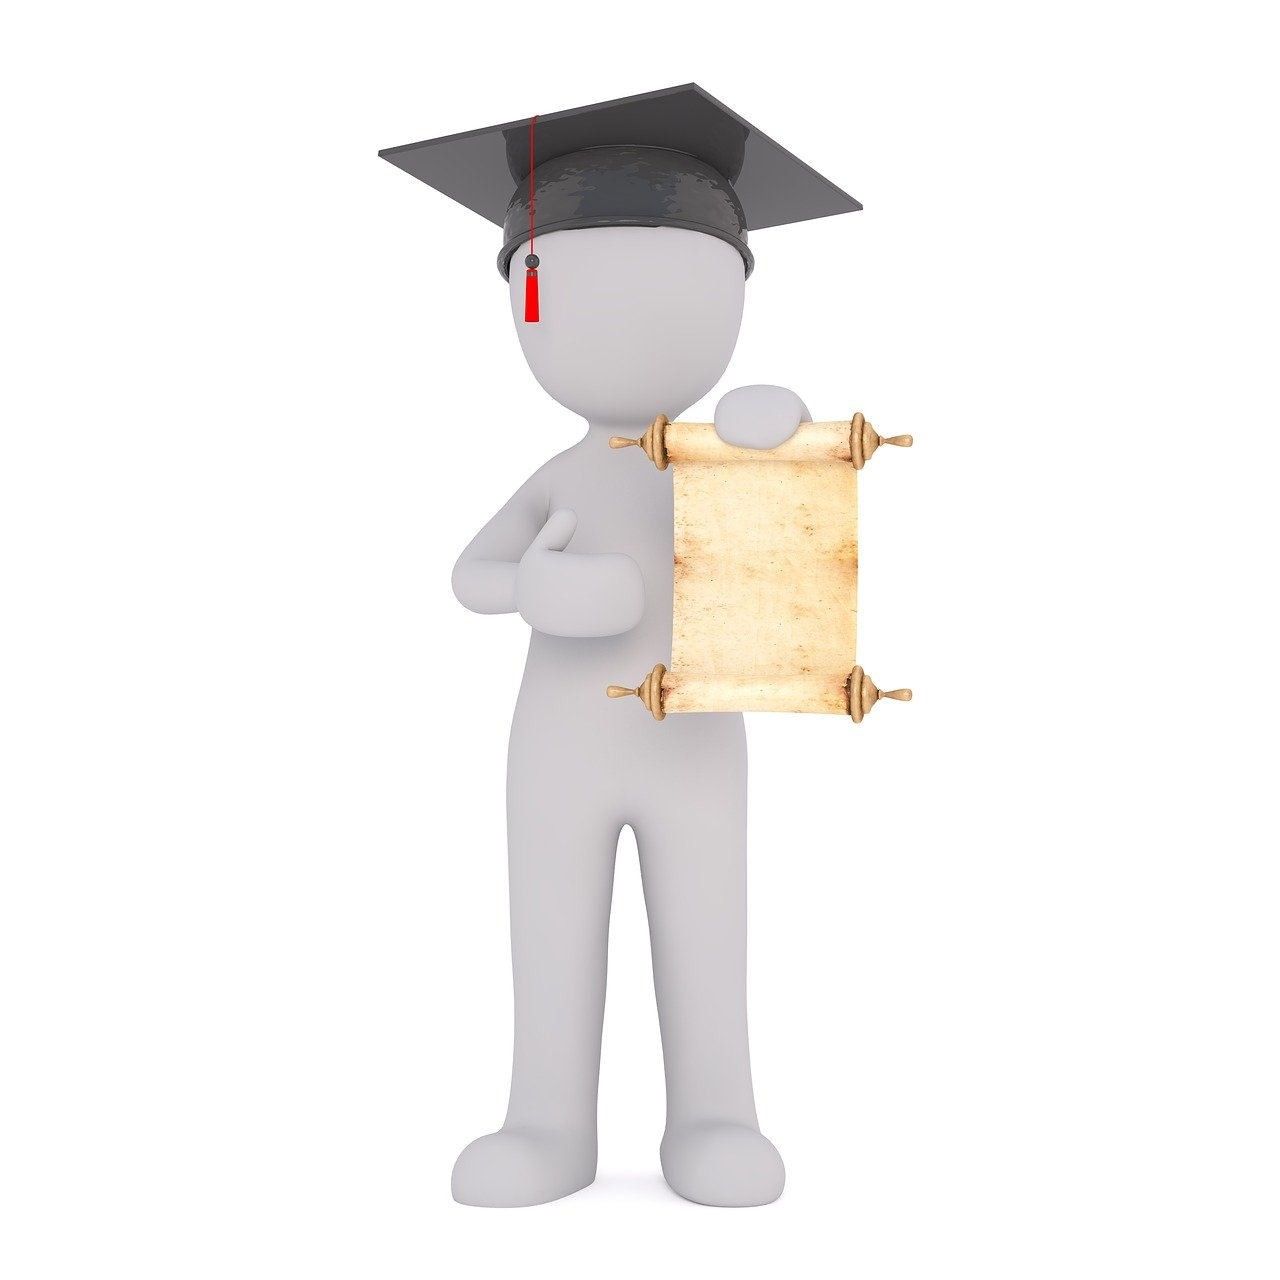 Huisartsenpraktijk Wijnjewoude artsen opleiding